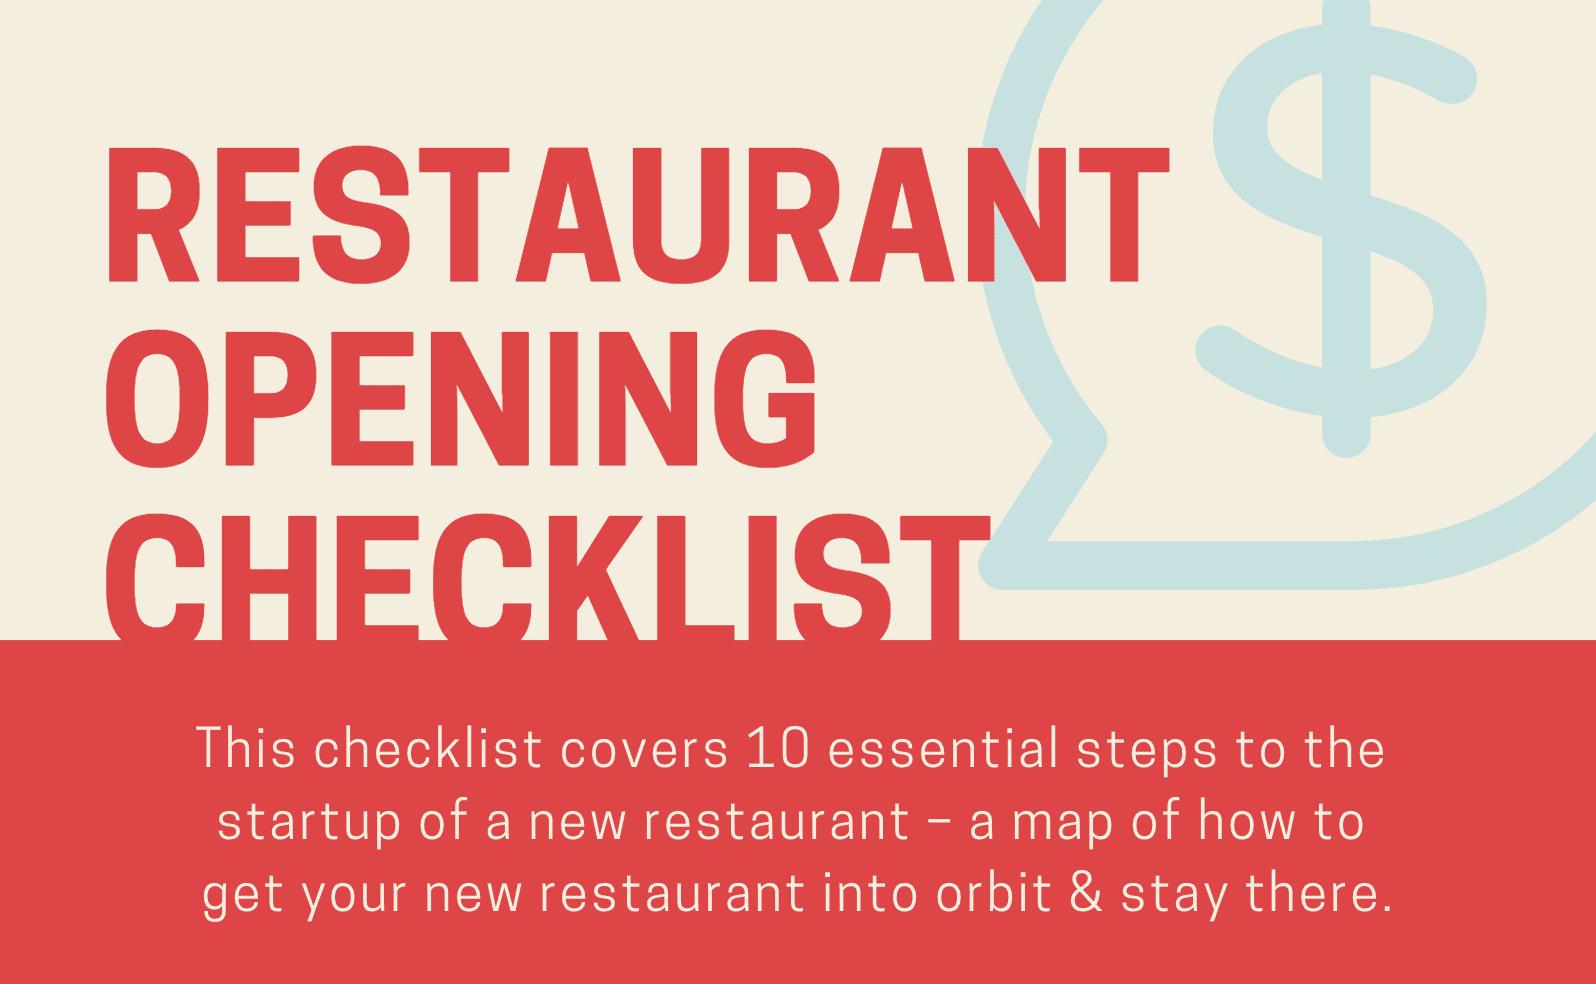 Restaurant Opening Checklist Header Image